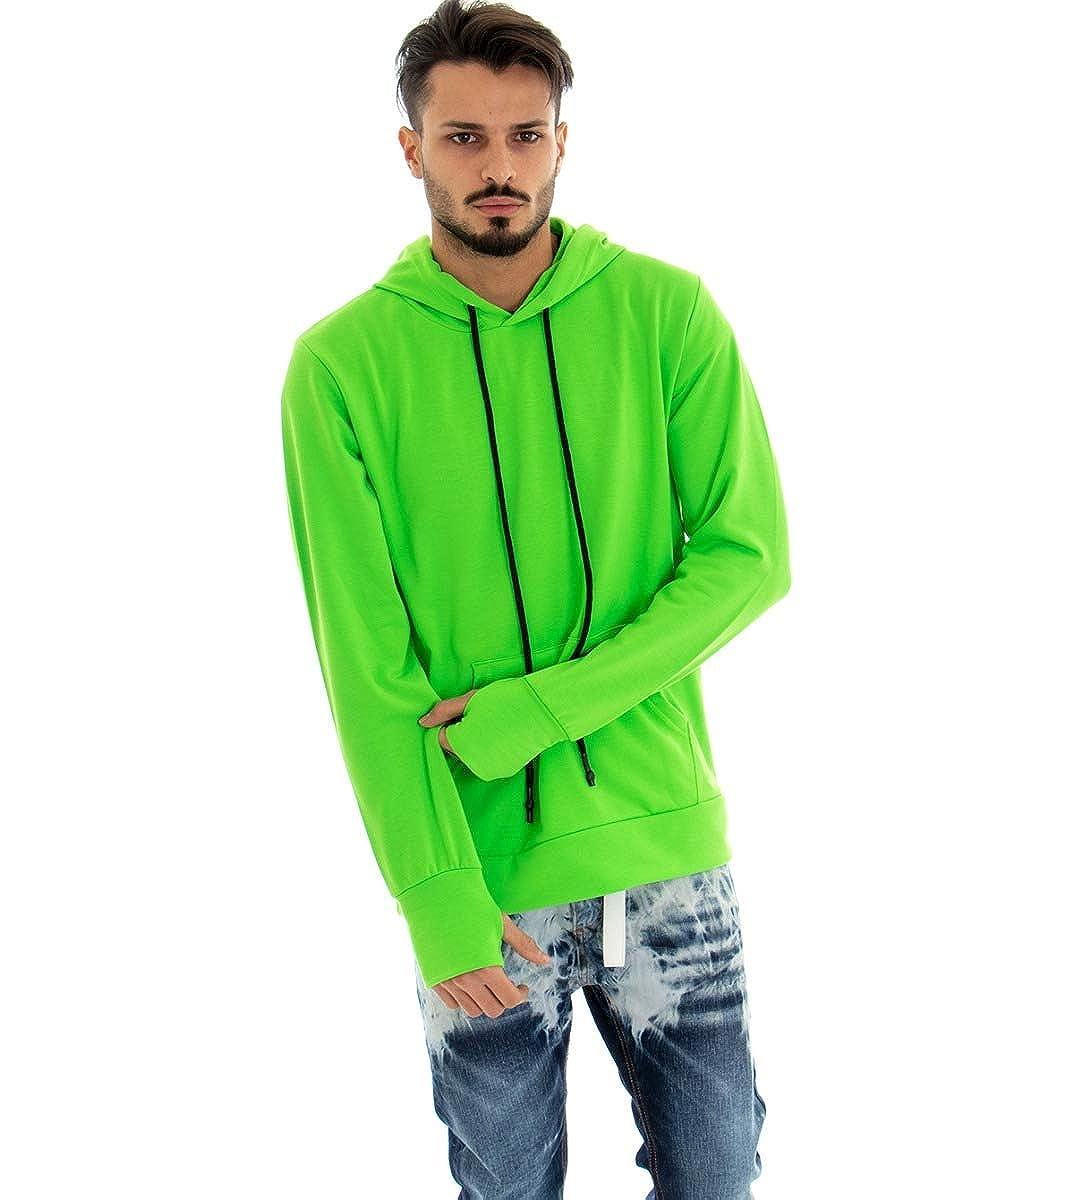 Felpa Uomo Verde Fluo con Cappuccio Felpata Manica a Guanto Over Size GIOSAL